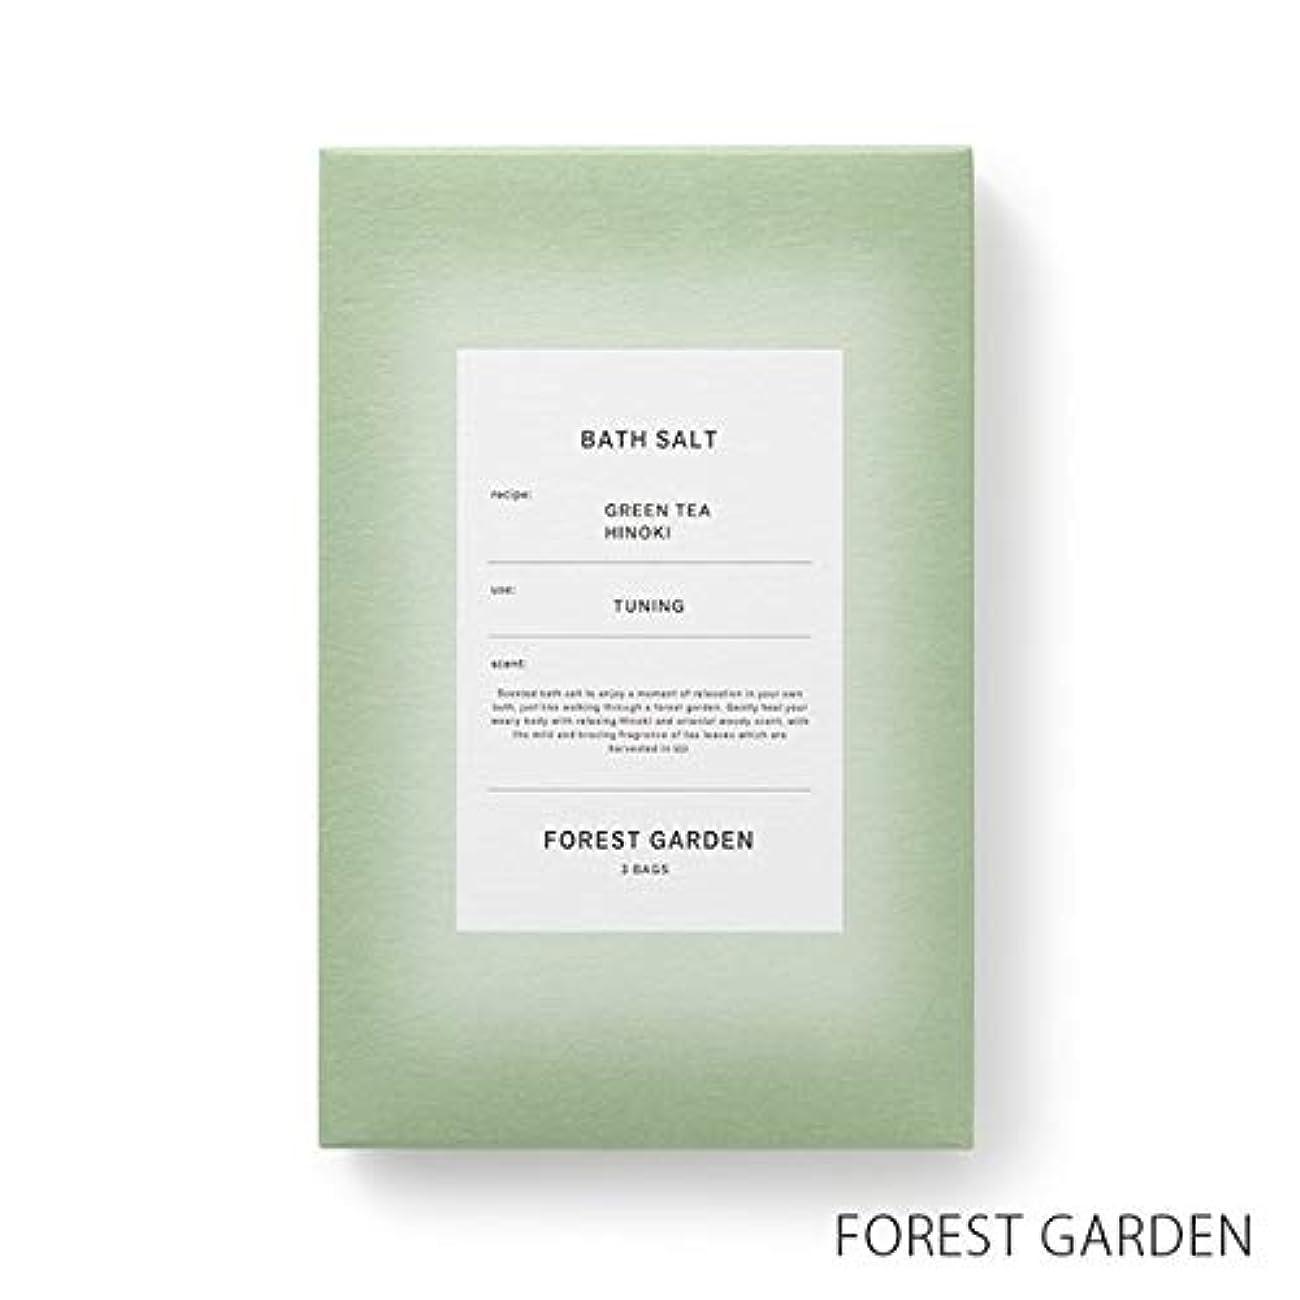 風マガジンリサイクルする【薫玉堂】 バスソルト FOREST GARDEN 森の庭 緑 和 宇治茶の香り